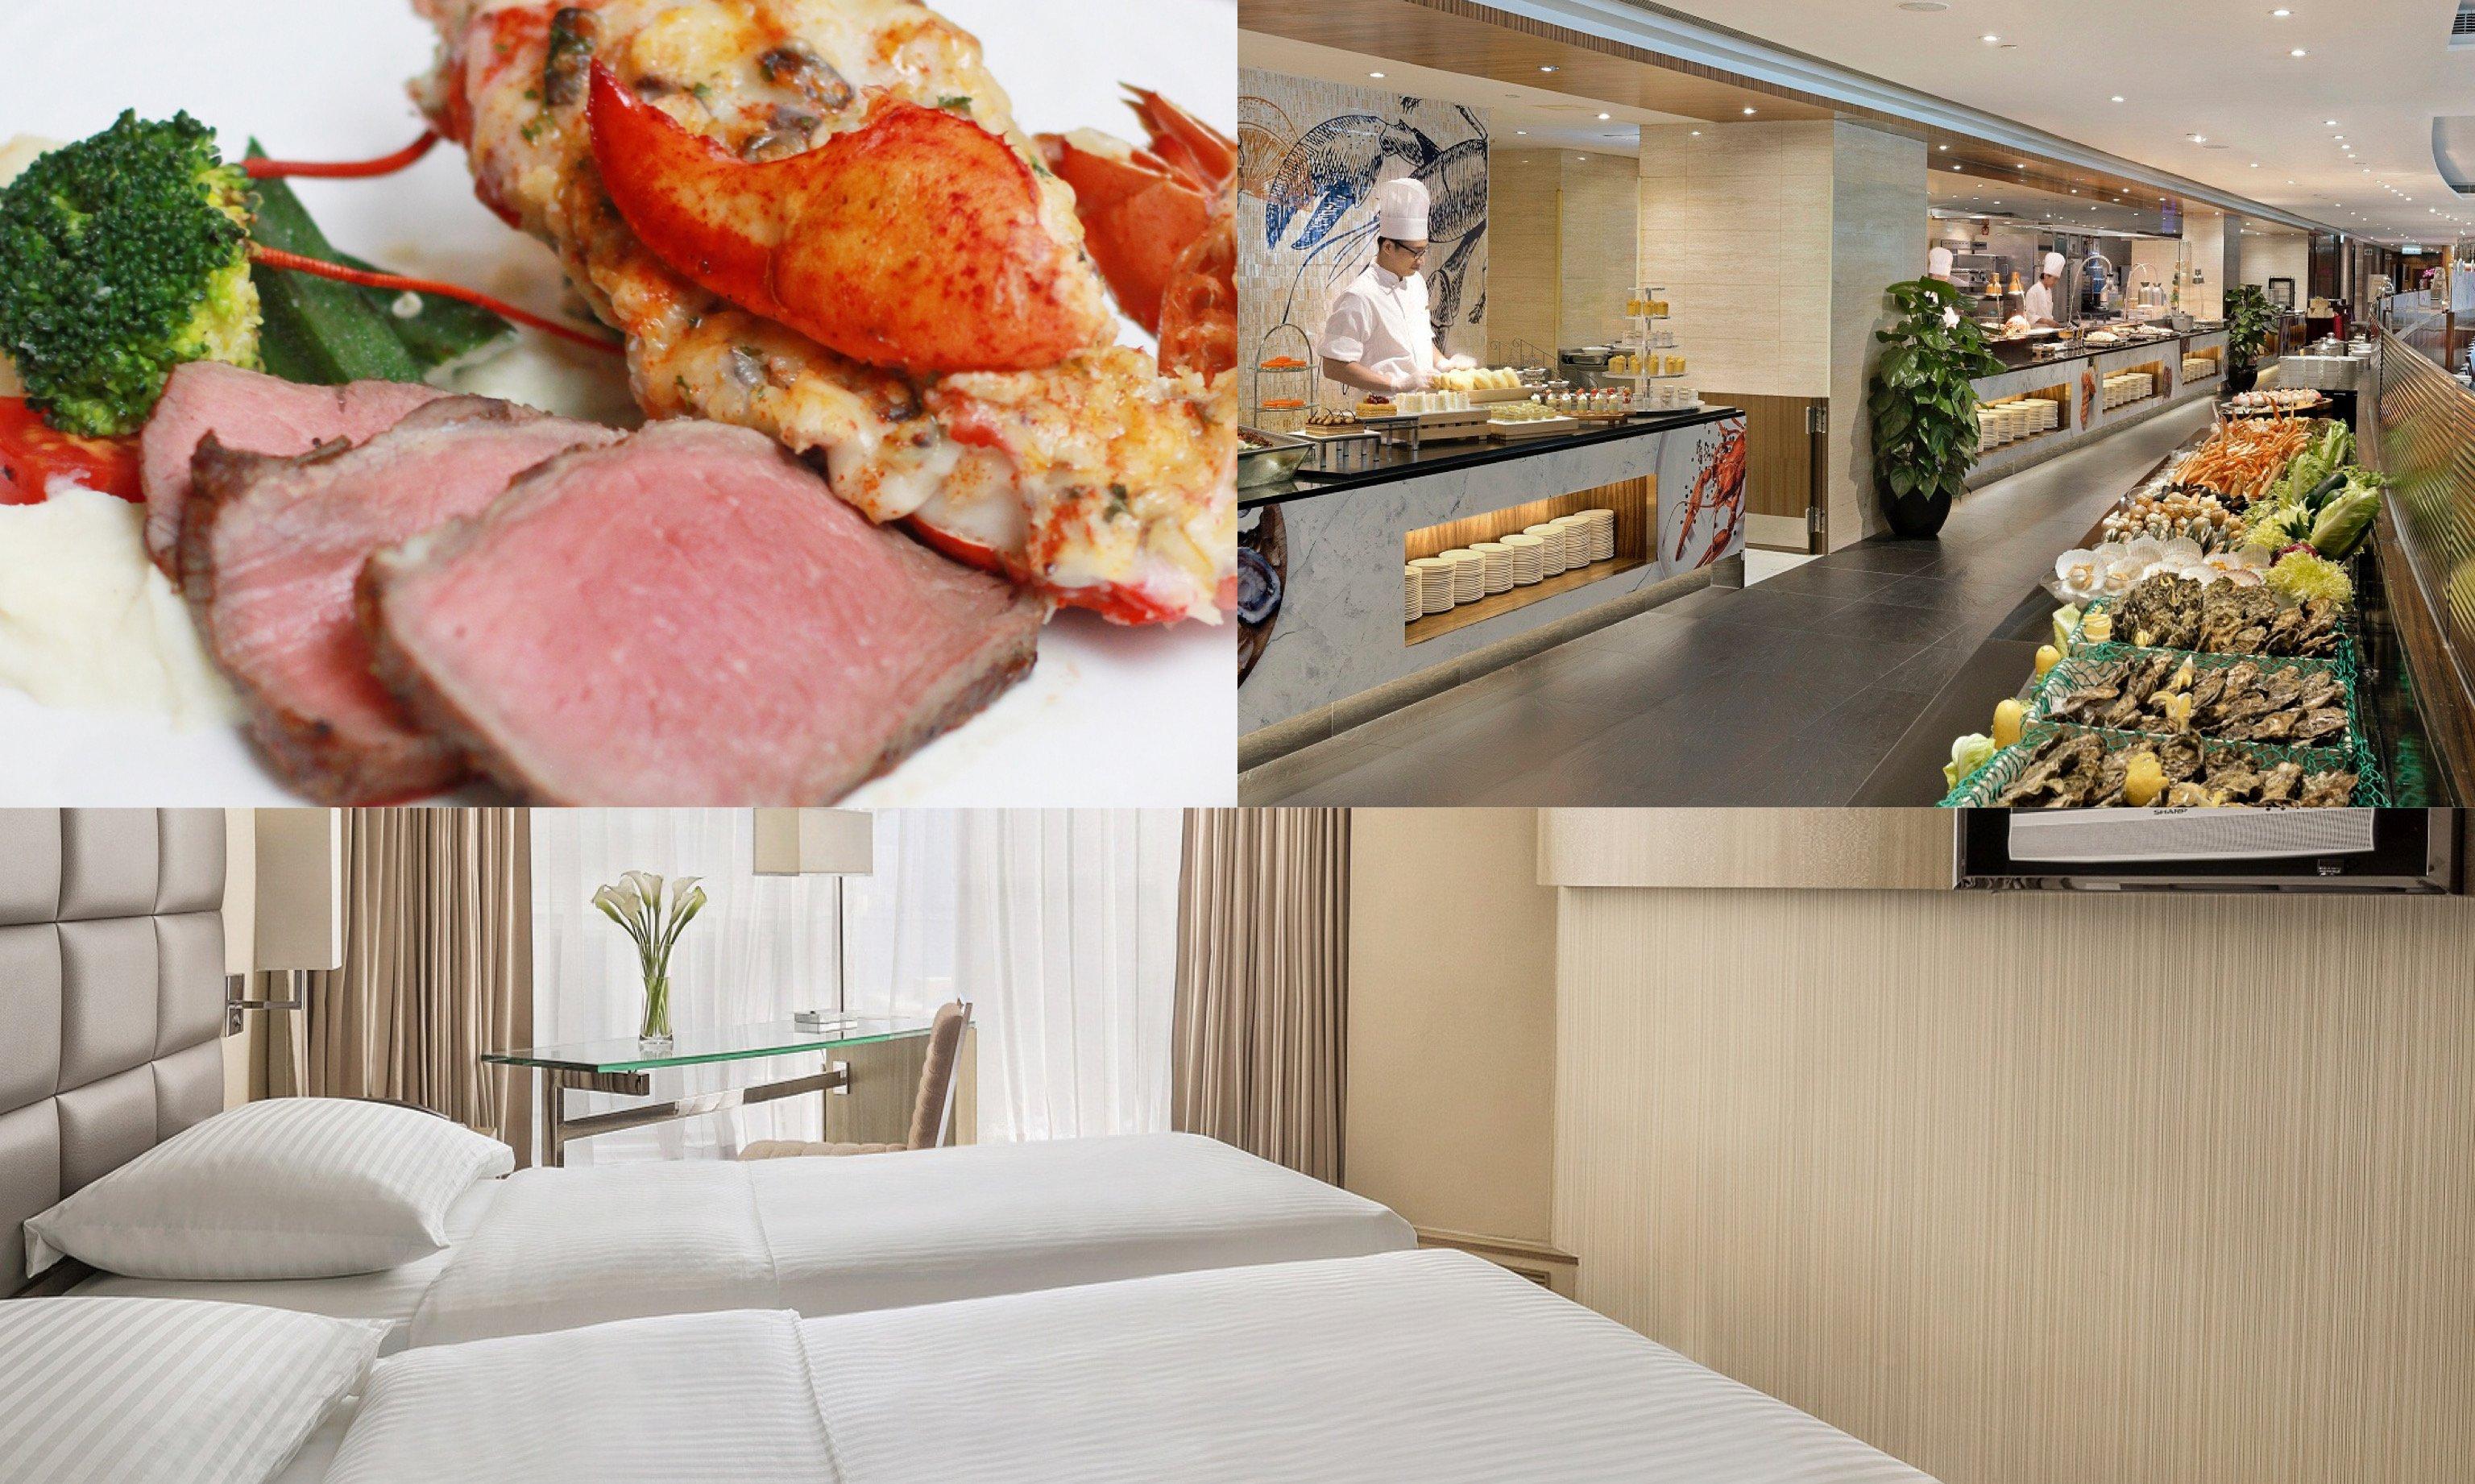 九龍酒店 The Kowloon Hotel-24小時住宿(包午/晚餐+1支紅酒🍷)